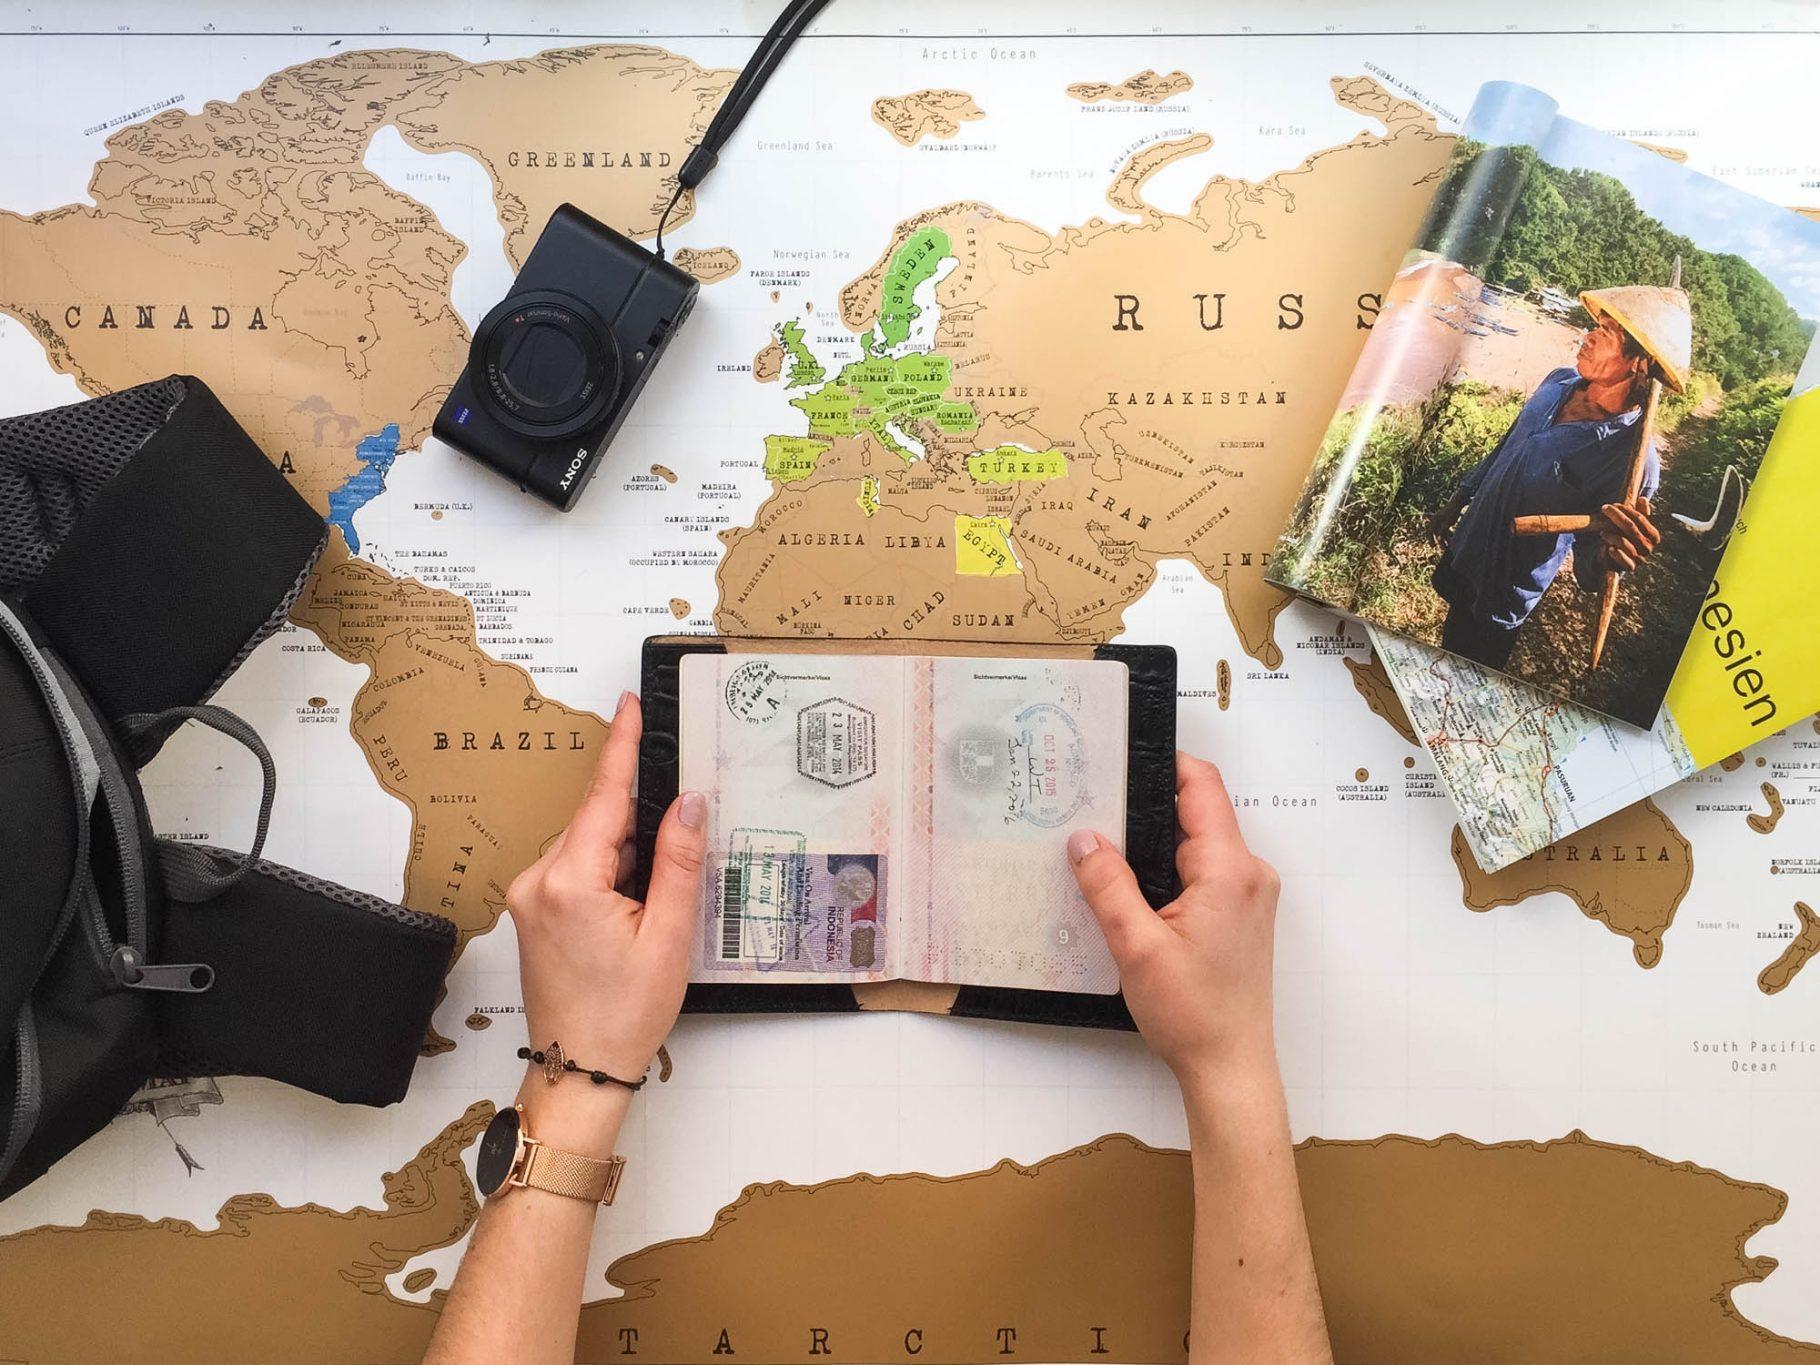 Urlaubsvorbereitung |Wohin geht die Reise?